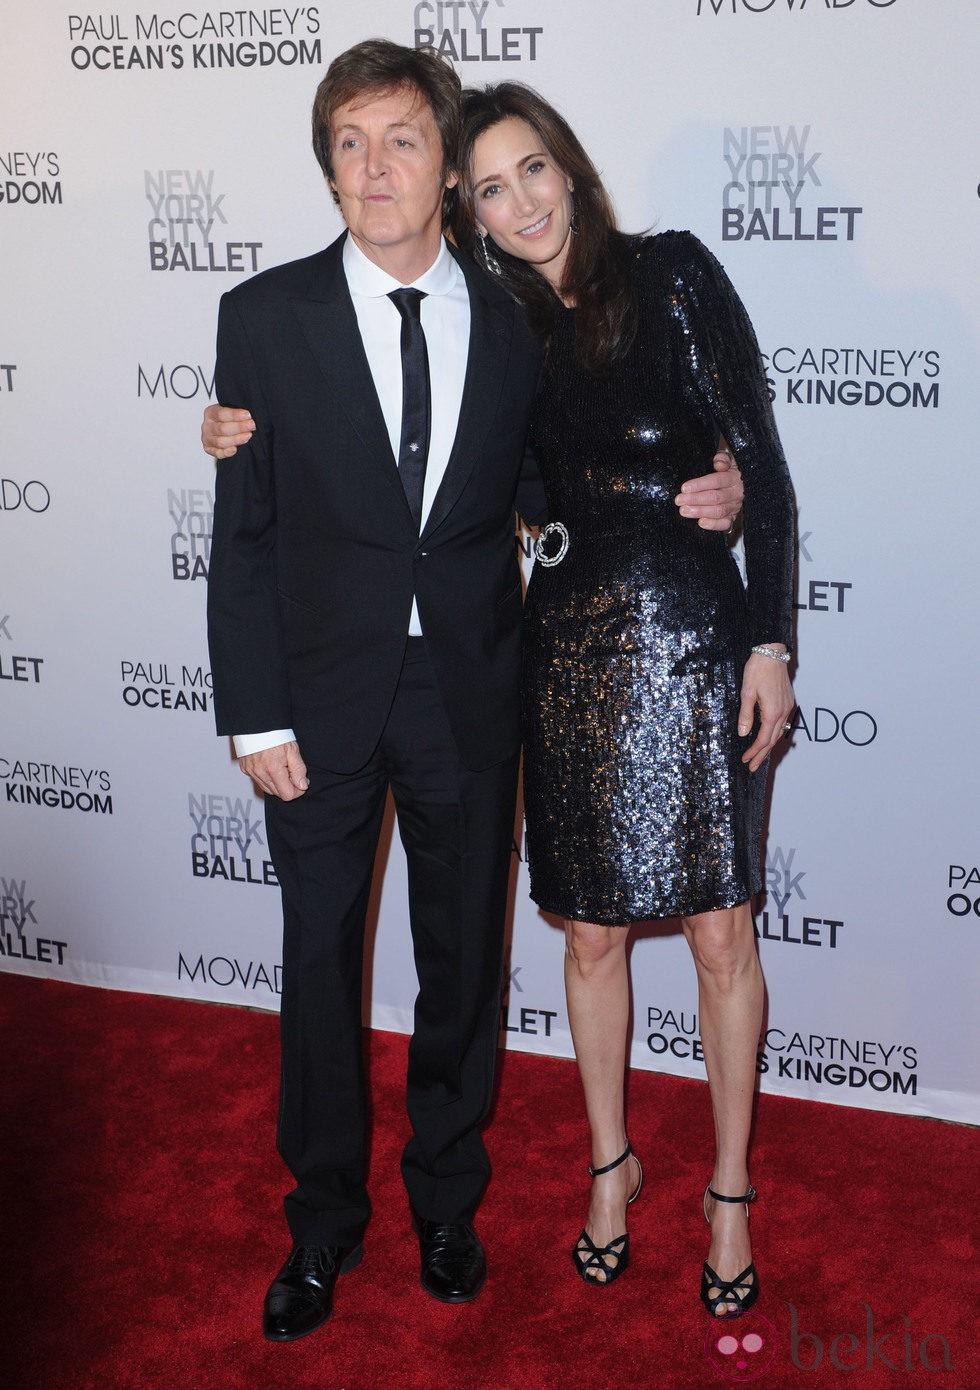 Paul McCartney y Nancy Shevell en la New York City Ballet Fall Gala 2011